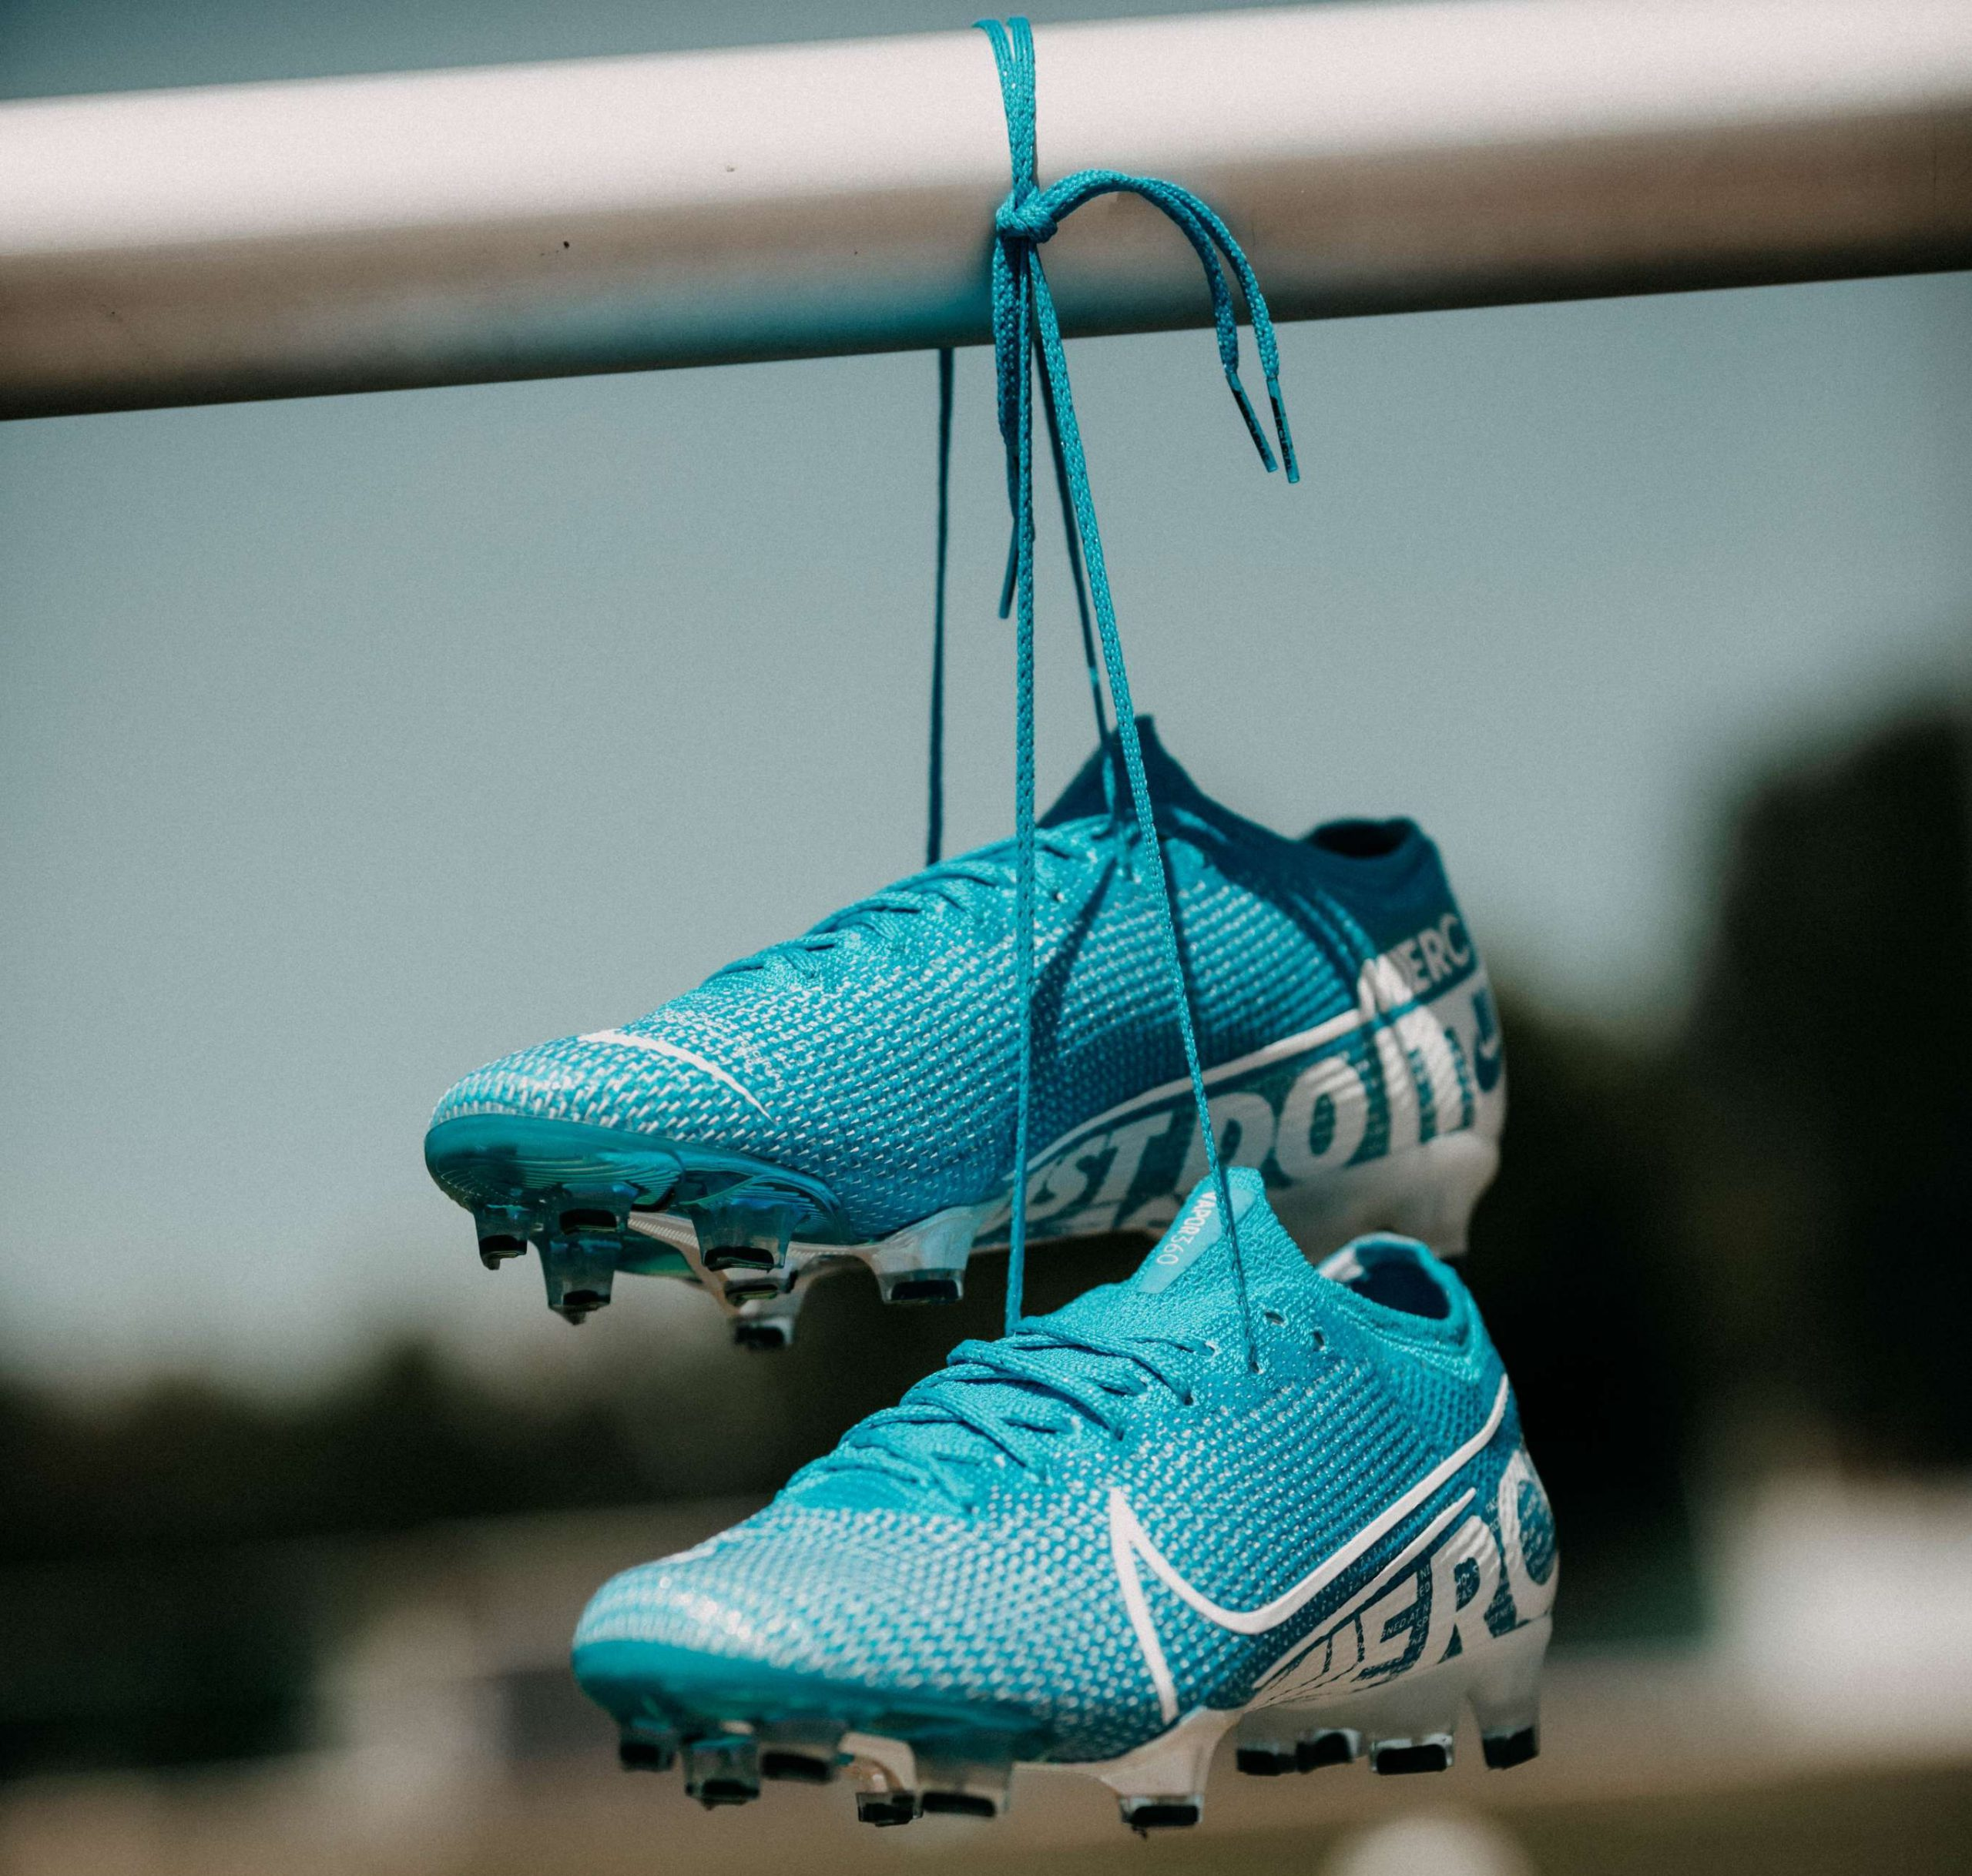 Nike Mercurial Vapor Elite XIII - Sebastians Urteil!